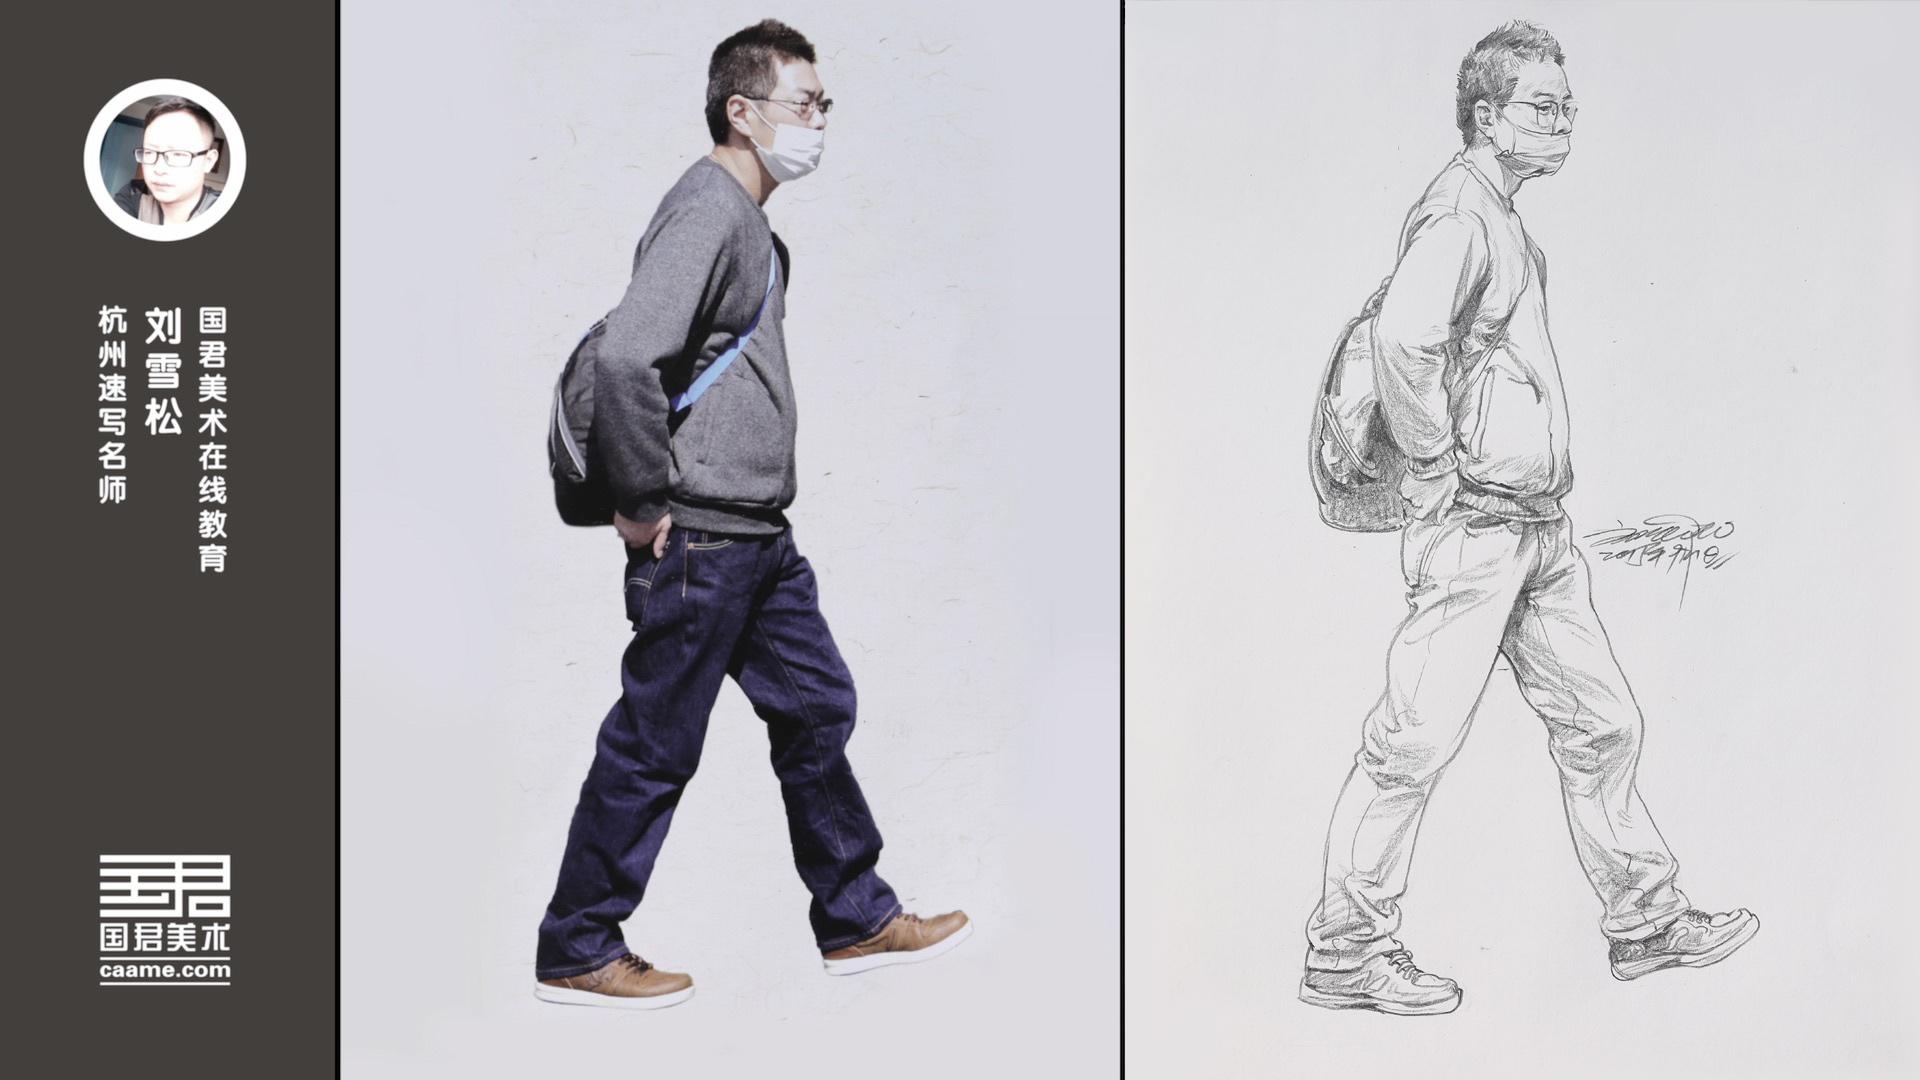 速写背书包_人物速写_背书包带口罩的男青年站姿速写_刘雪松_国君美术官网